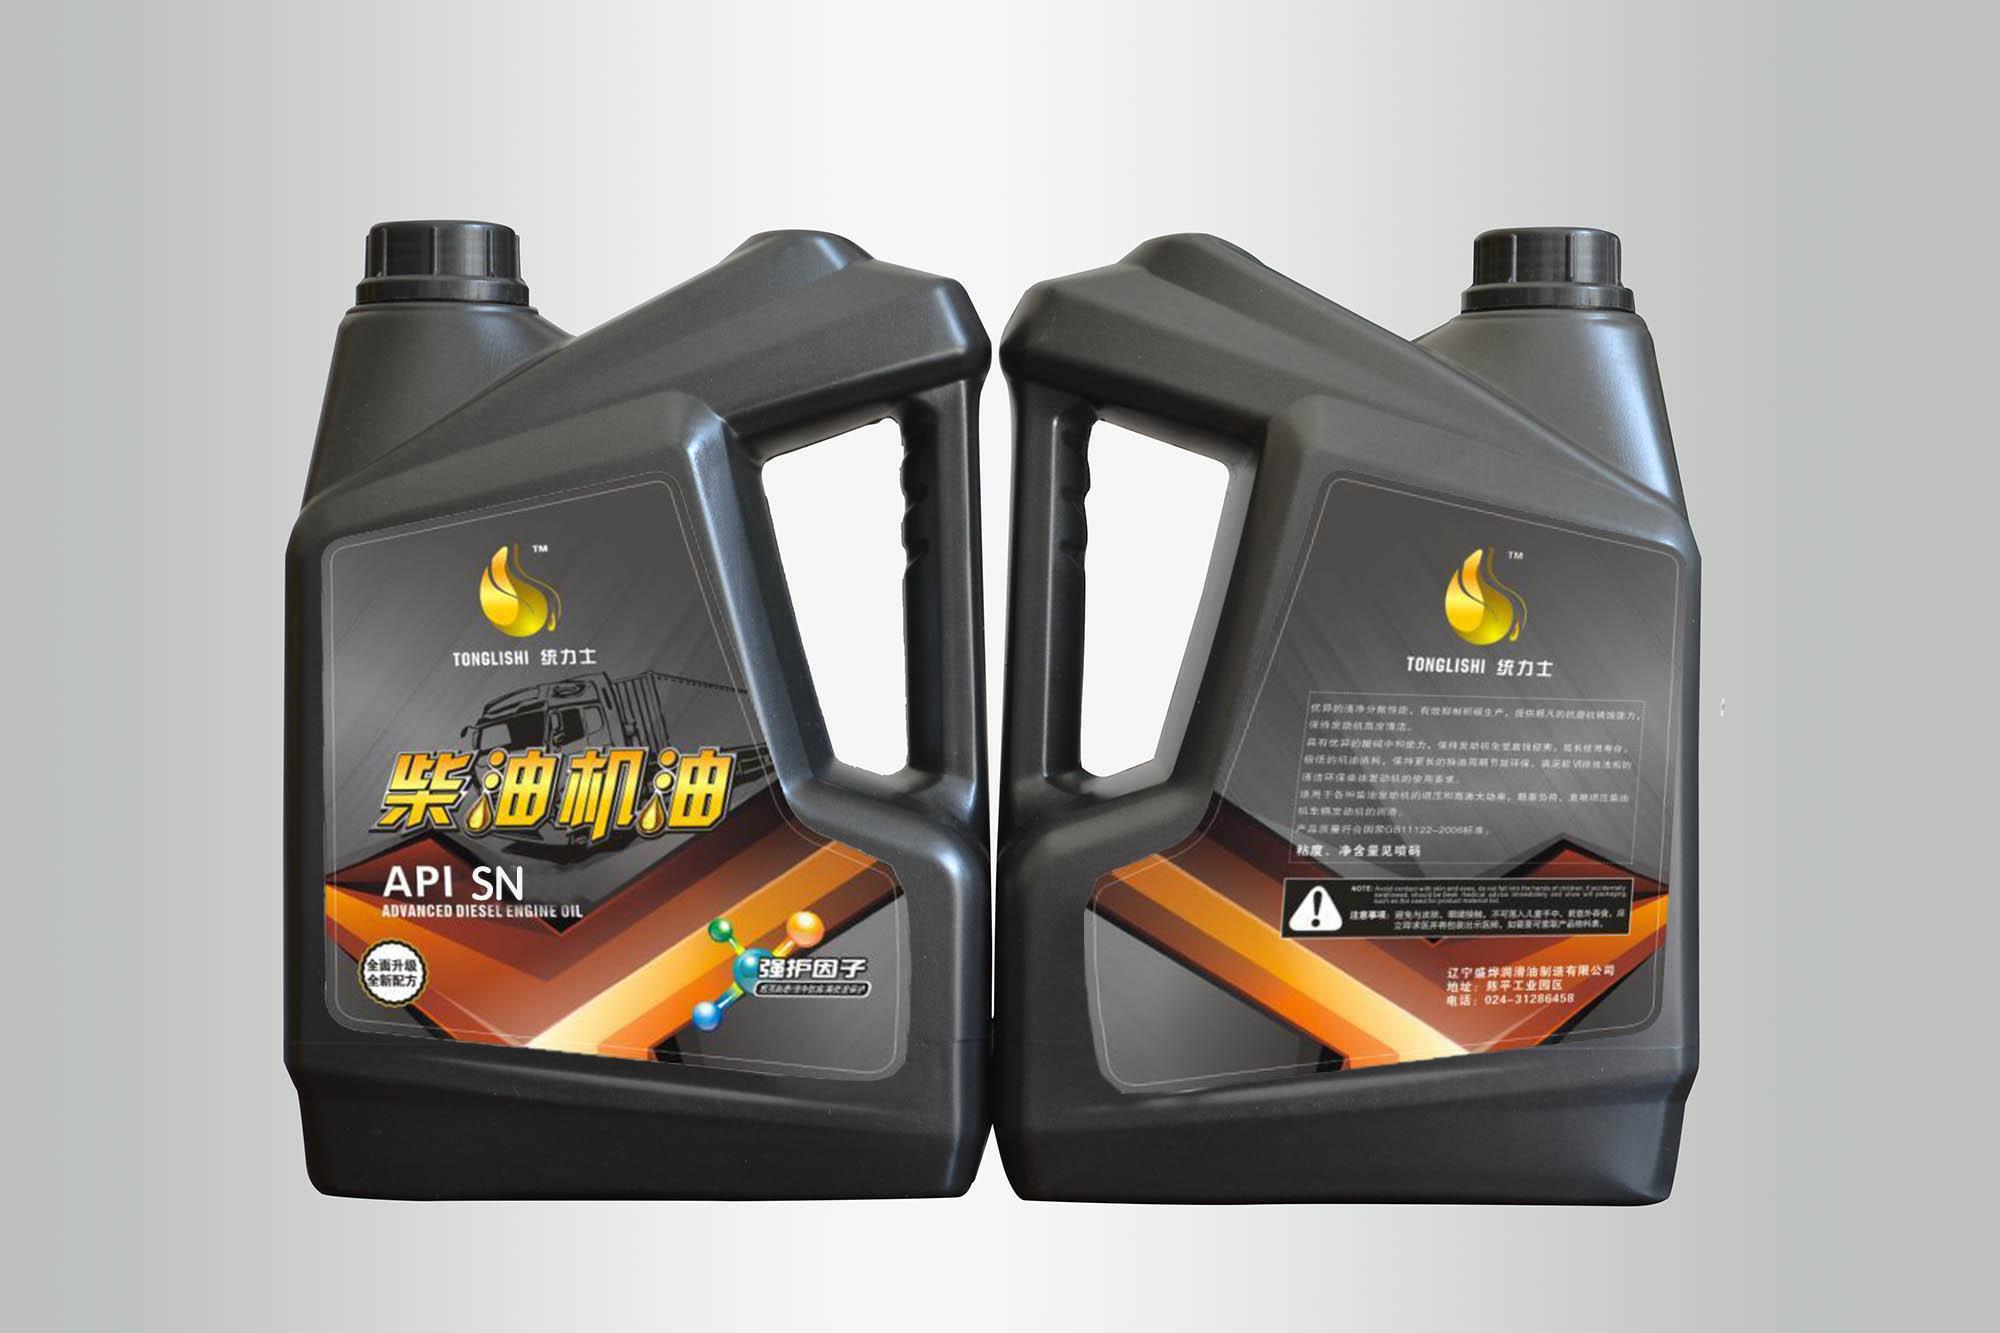 柴油力士桶装机油价格表和图片